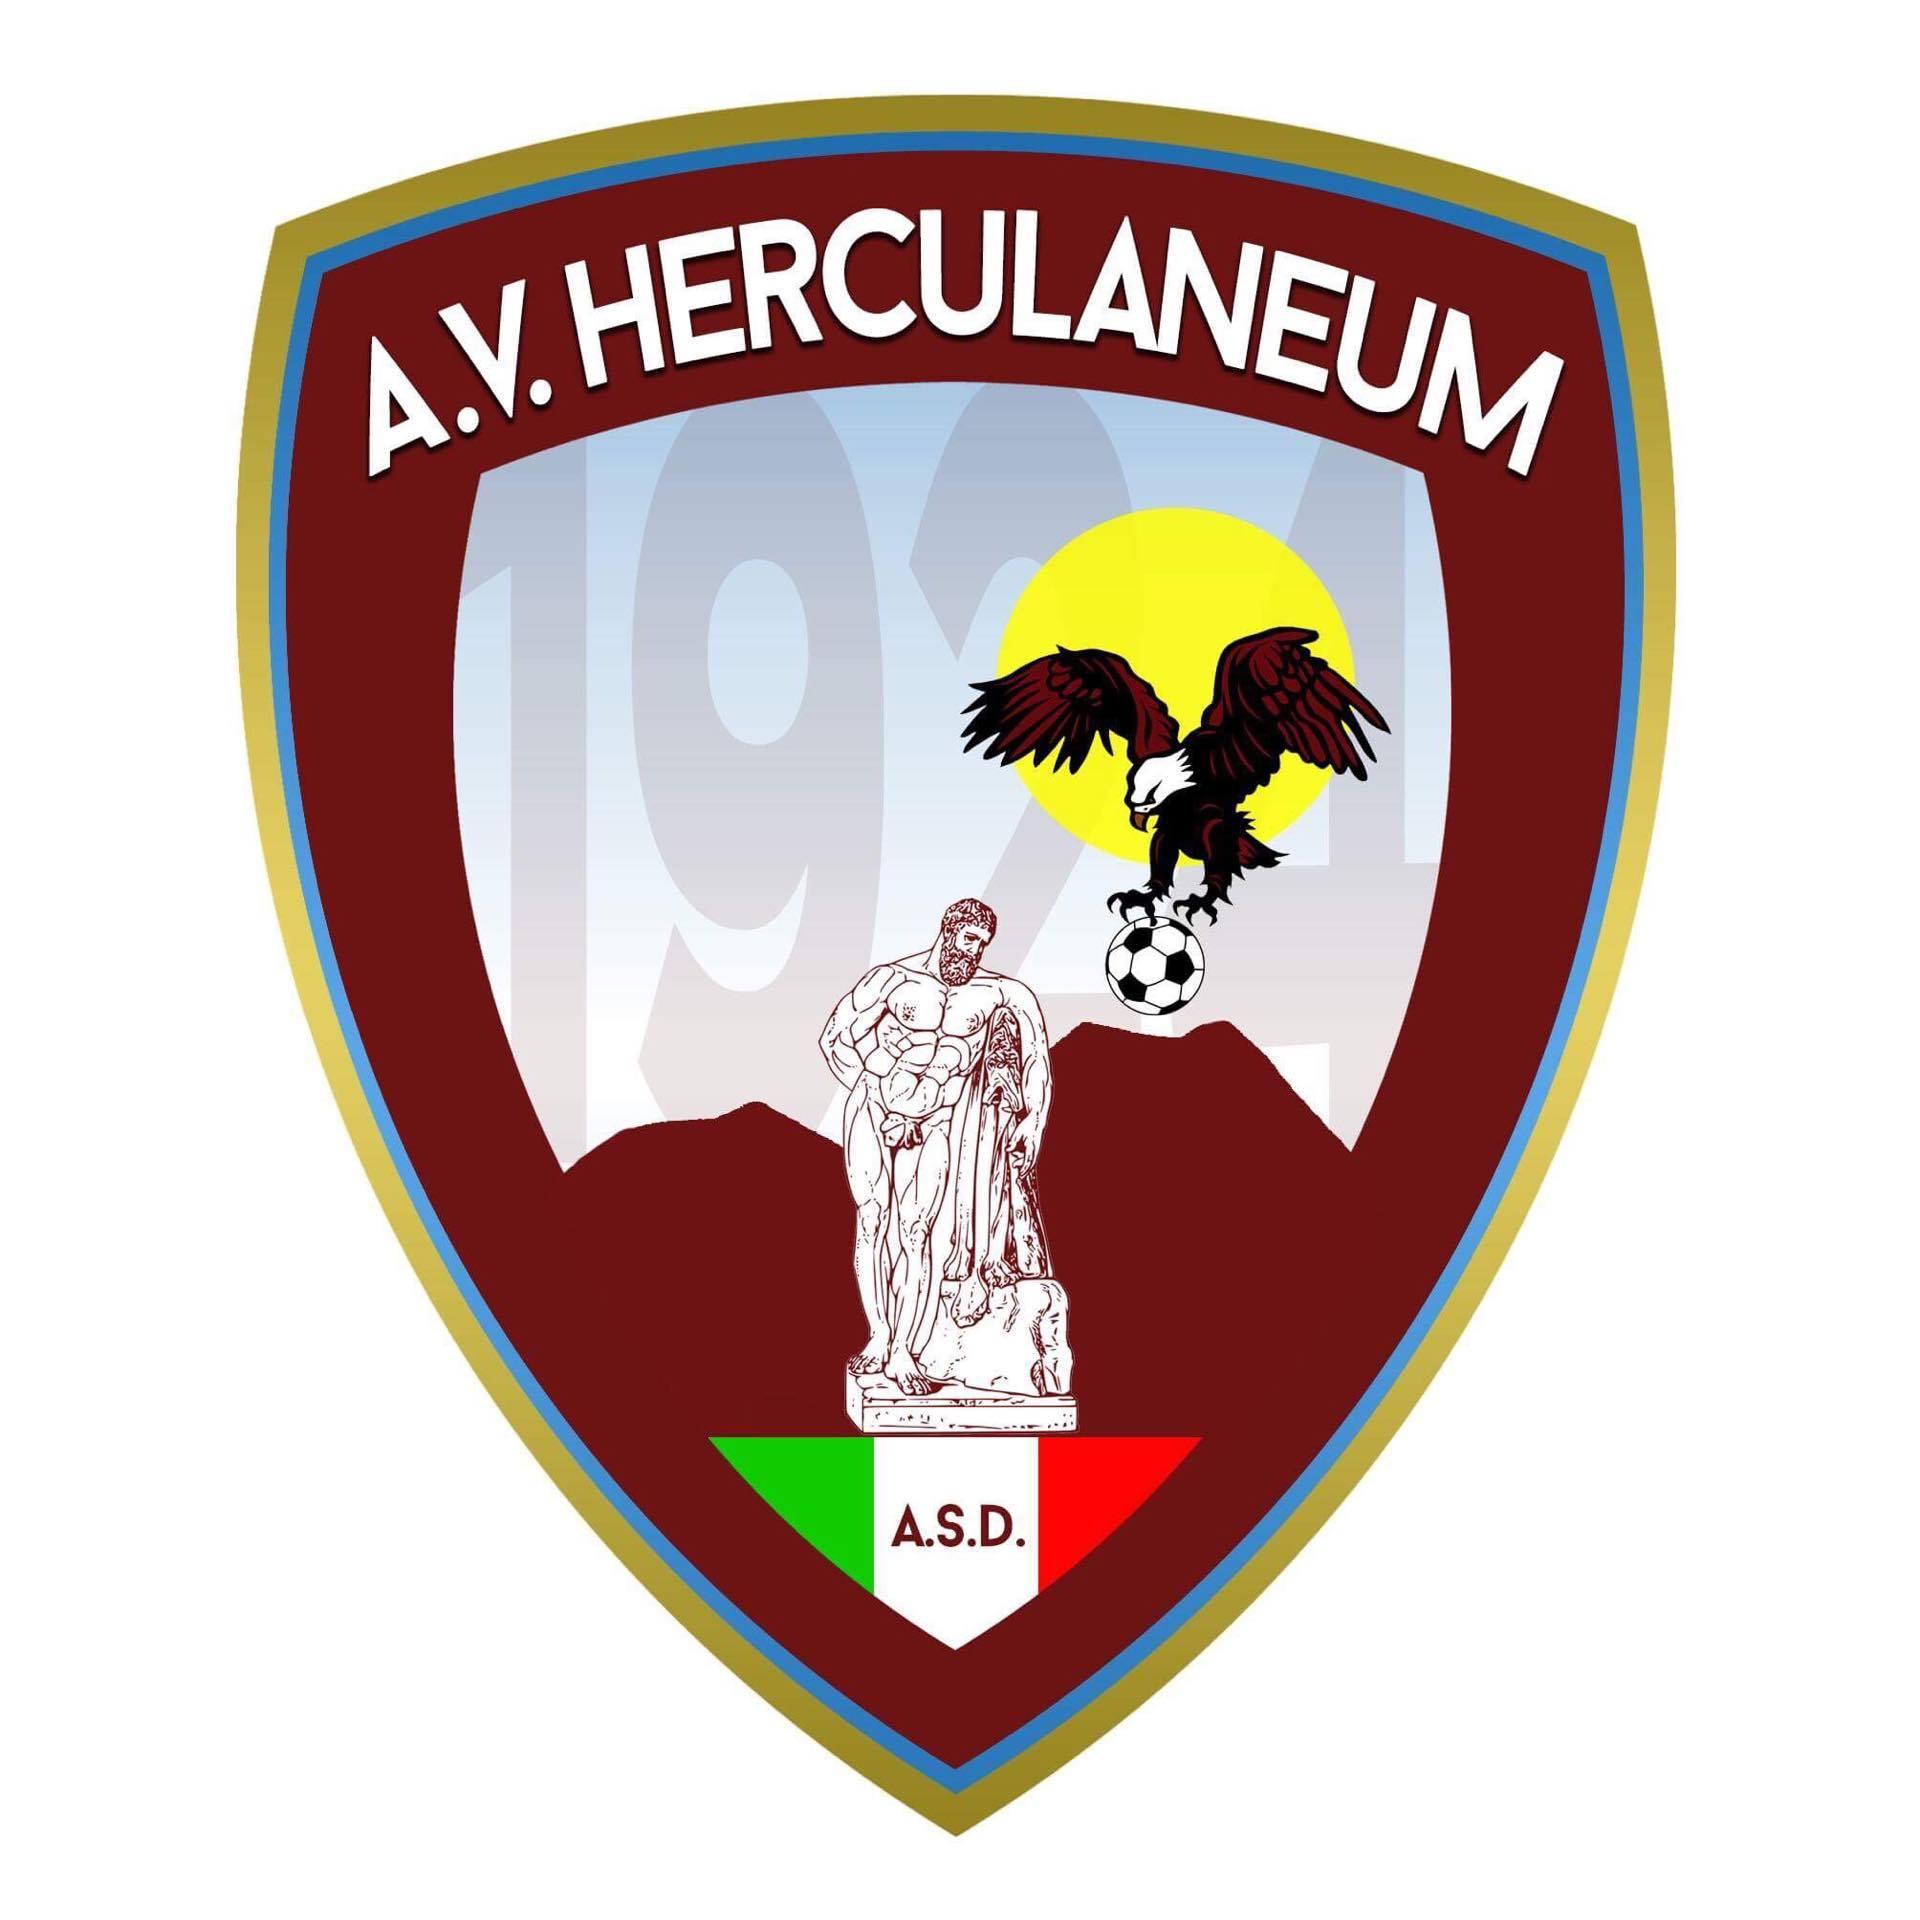 Herculaneum-Gravina rimandata per le cattive condizioni atmosferiche